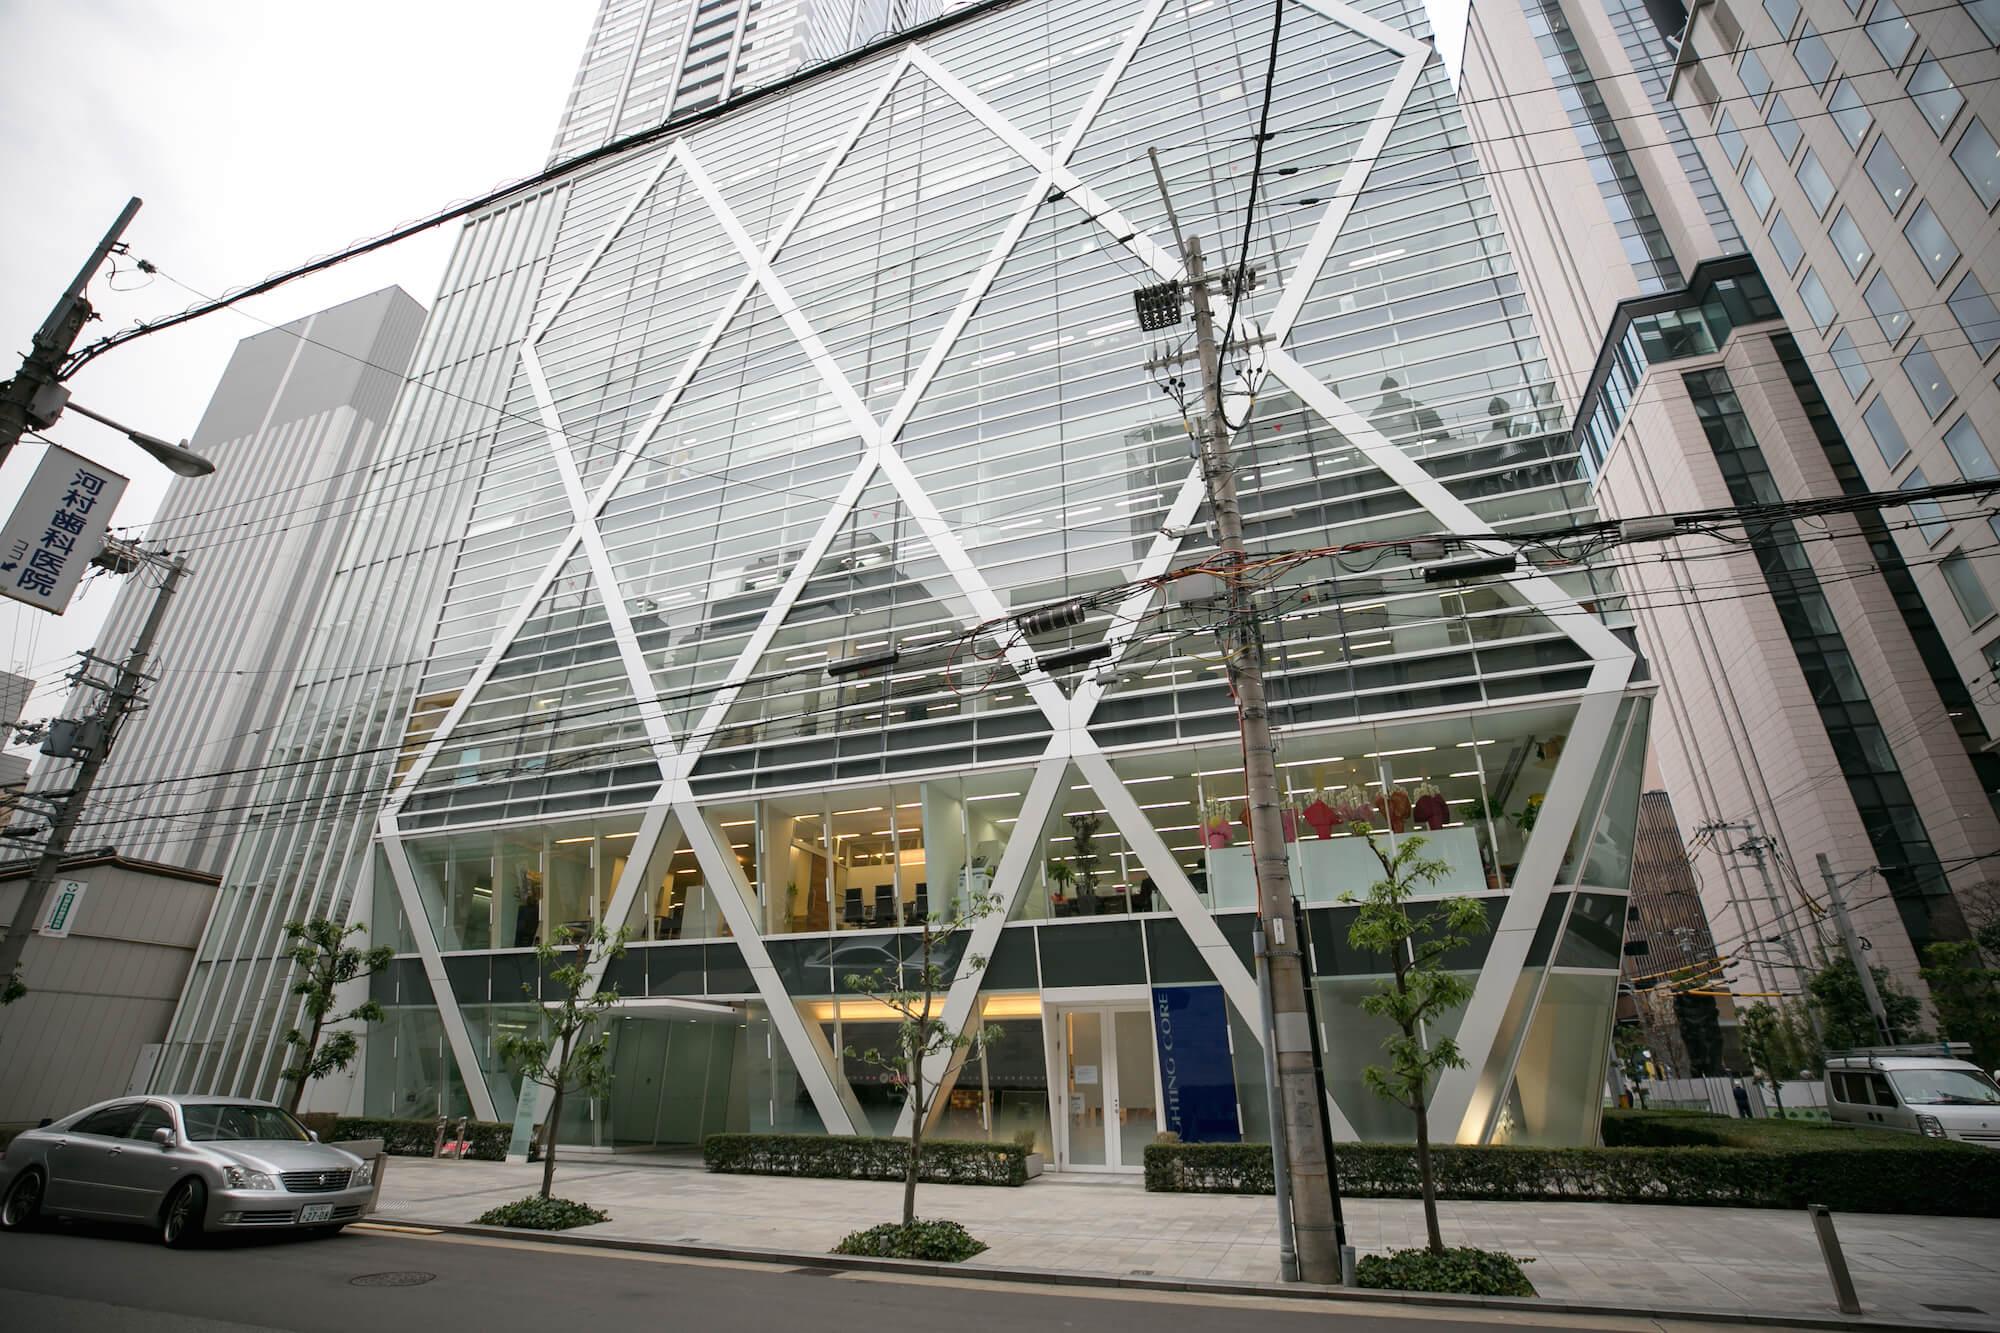 かっこいいガラス張りの建物!こちらの2階に店舗があります。